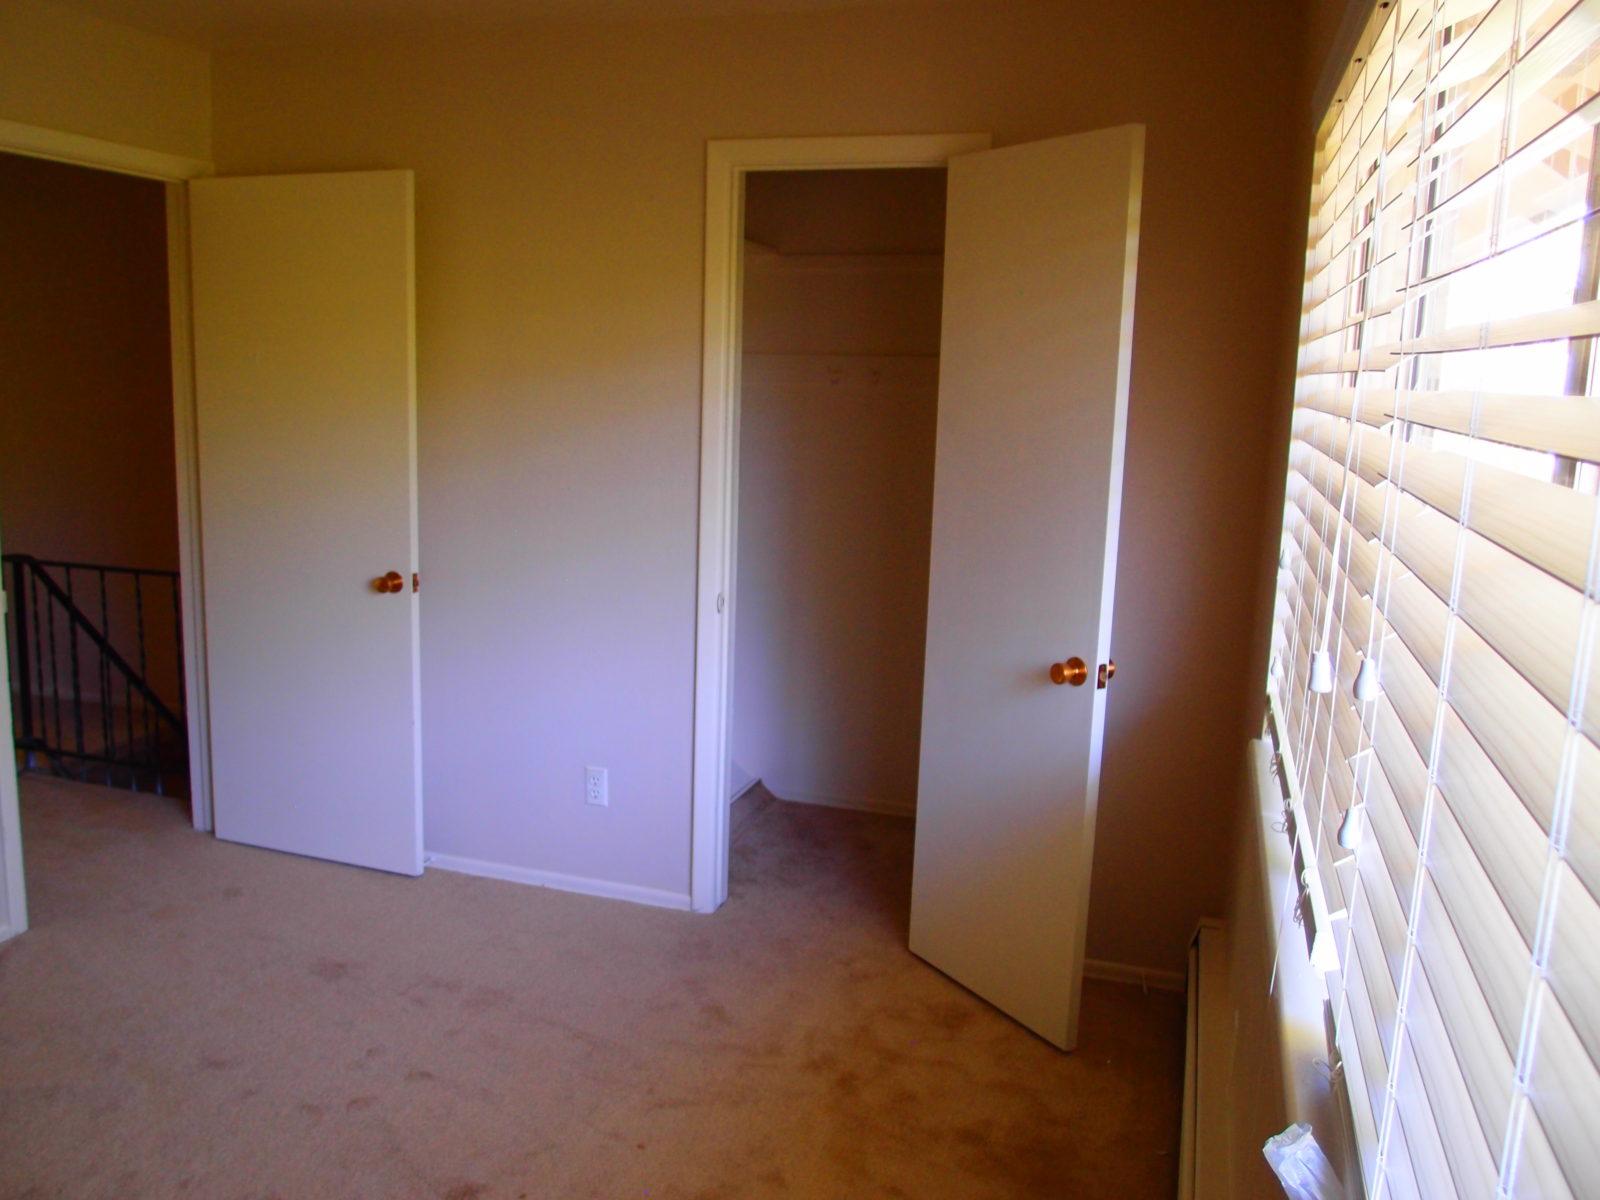 2473 2 closets